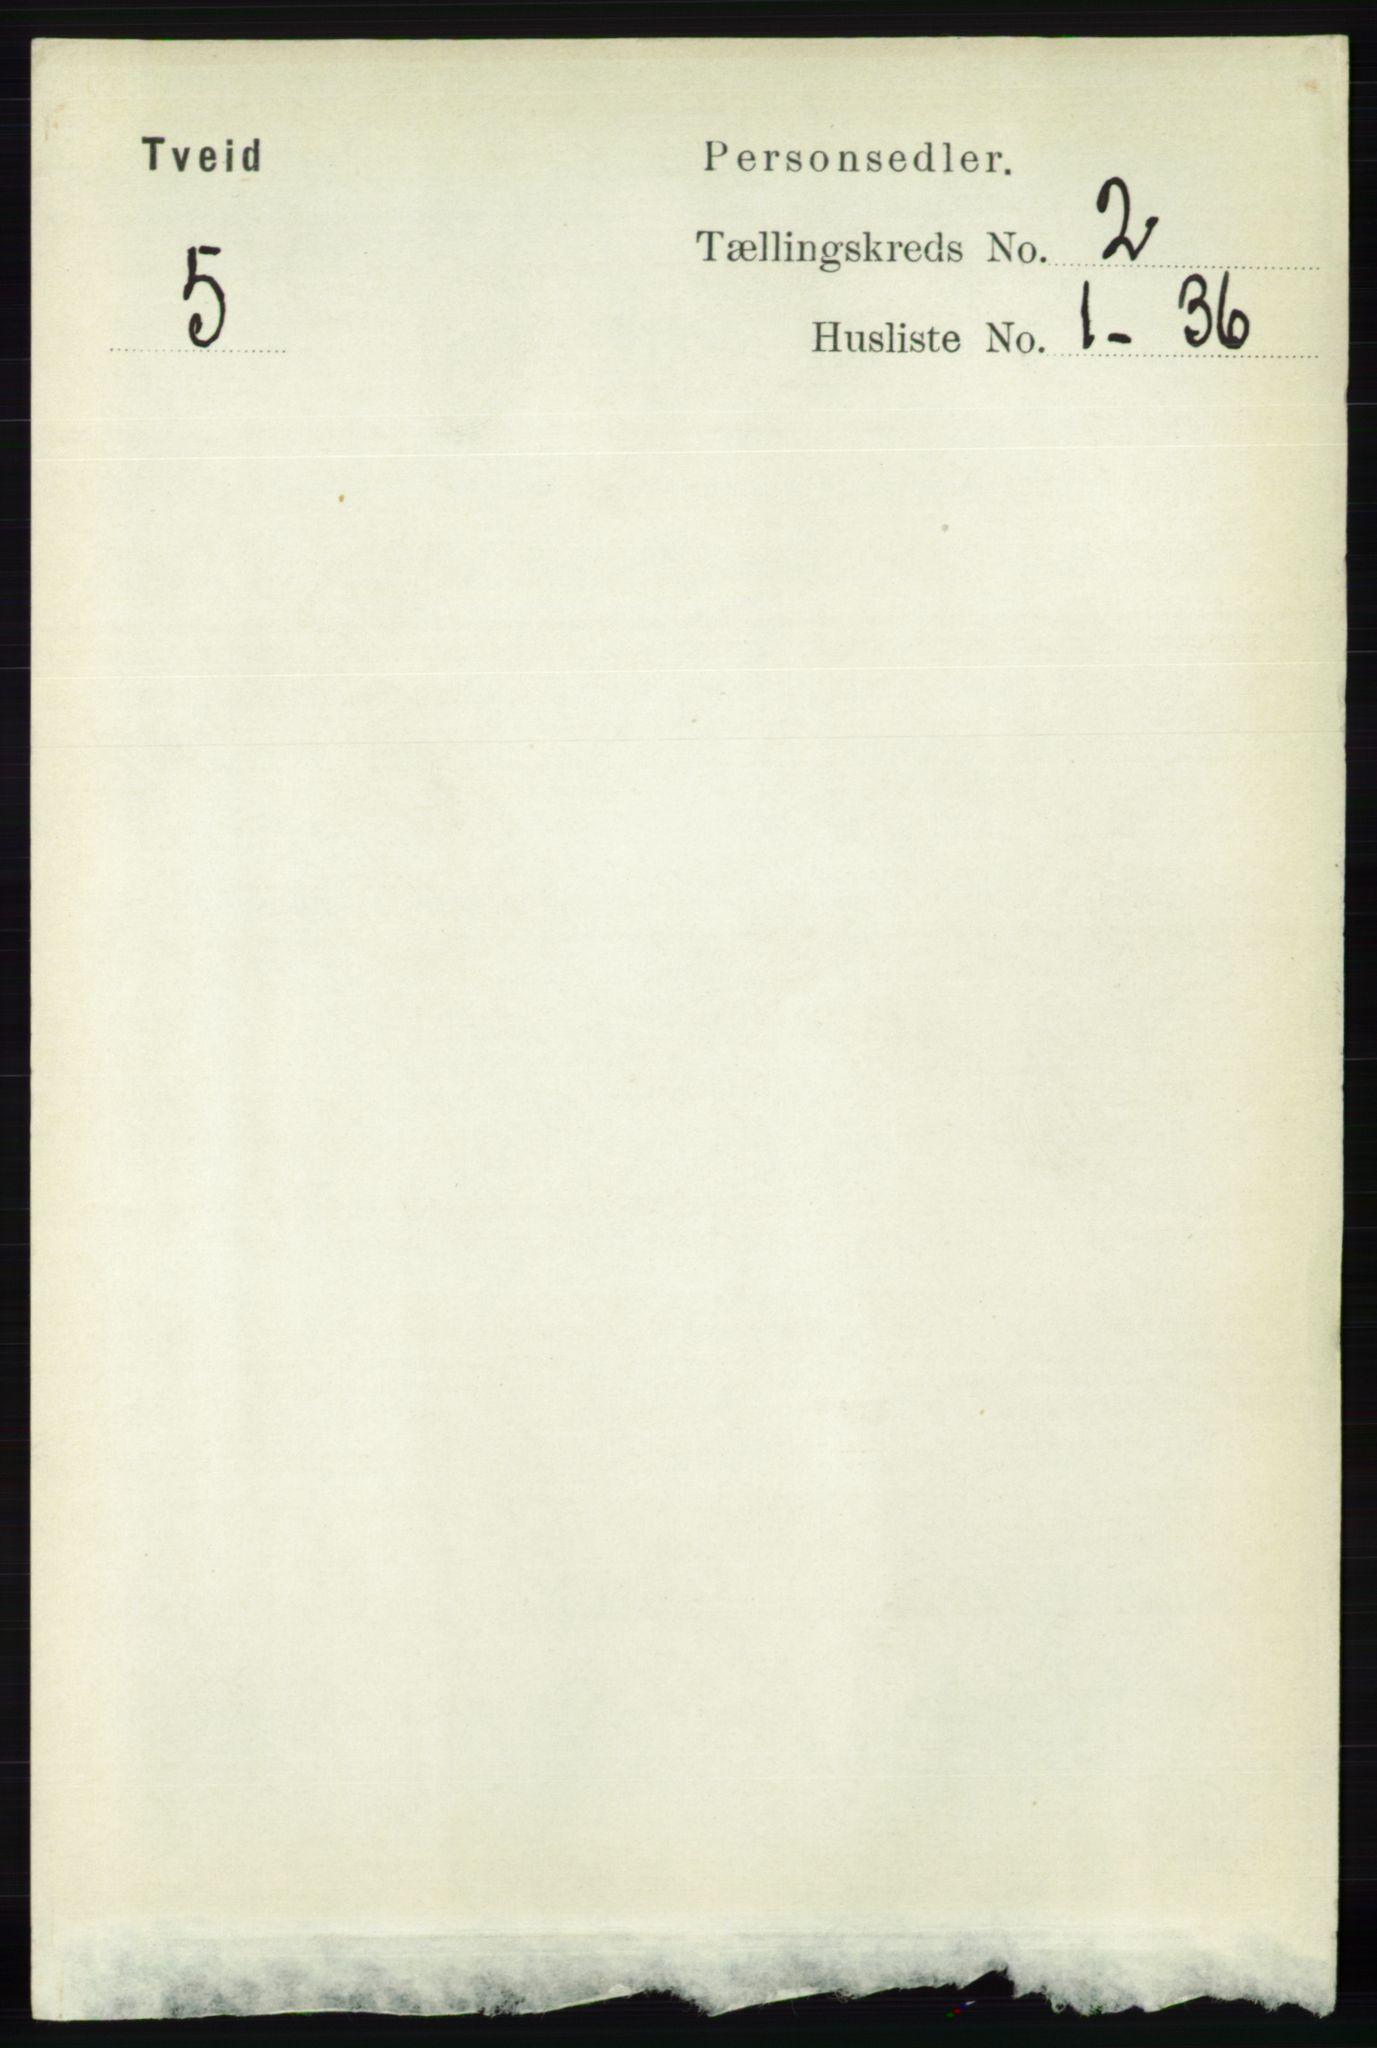 RA, Folketelling 1891 for 1013 Tveit herred, 1891, s. 521